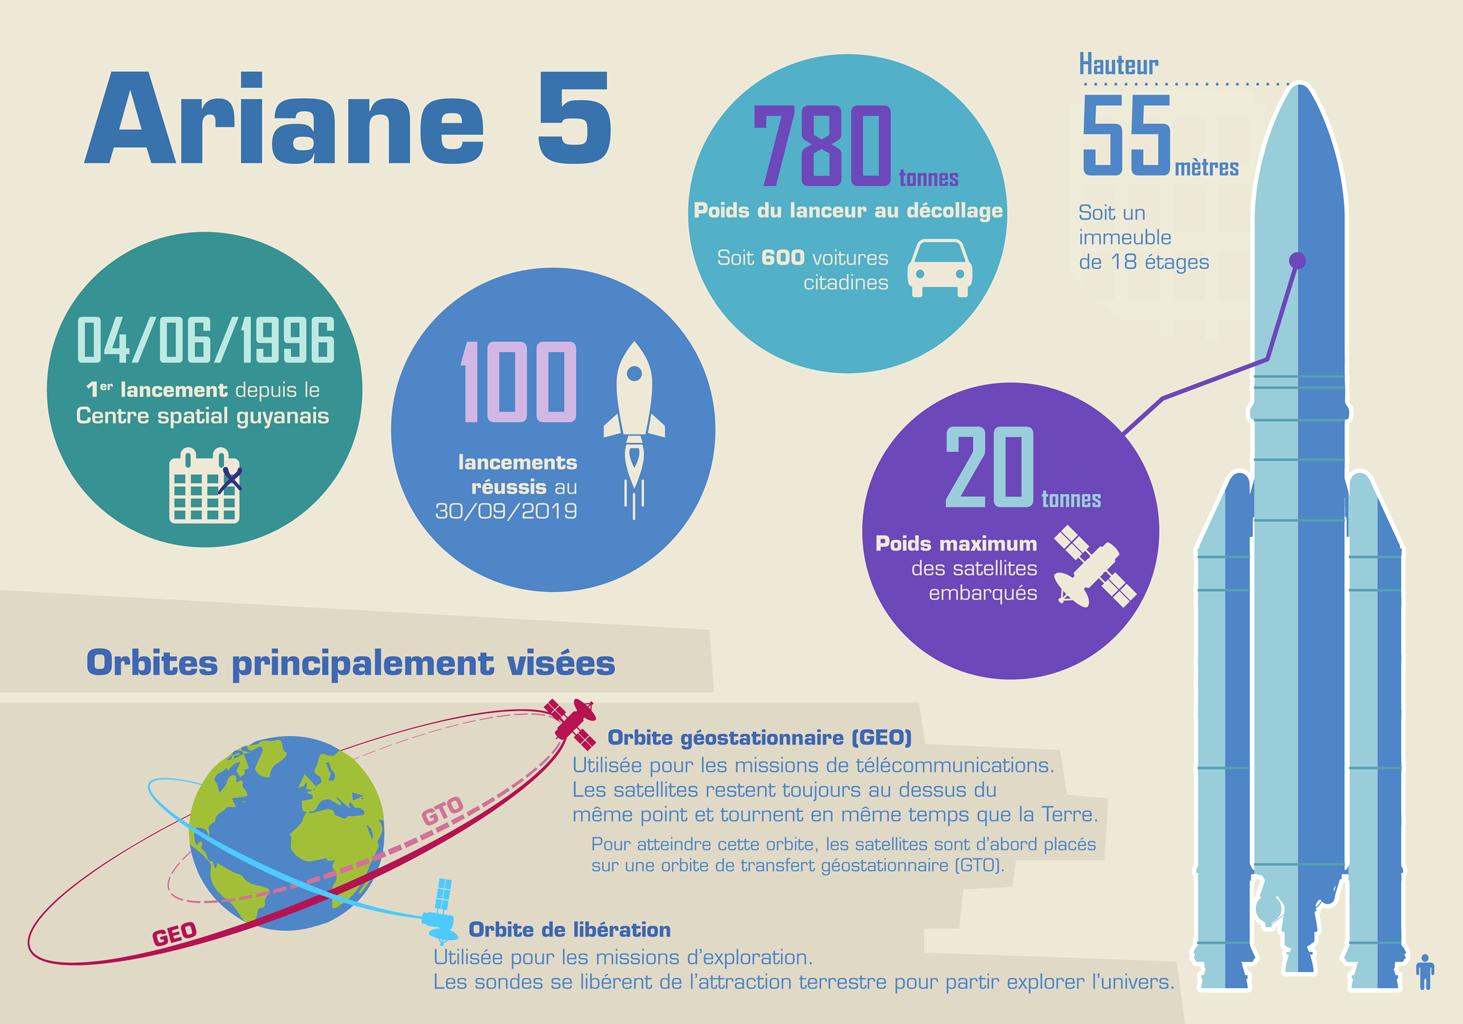 Ariane 5 en chiffres